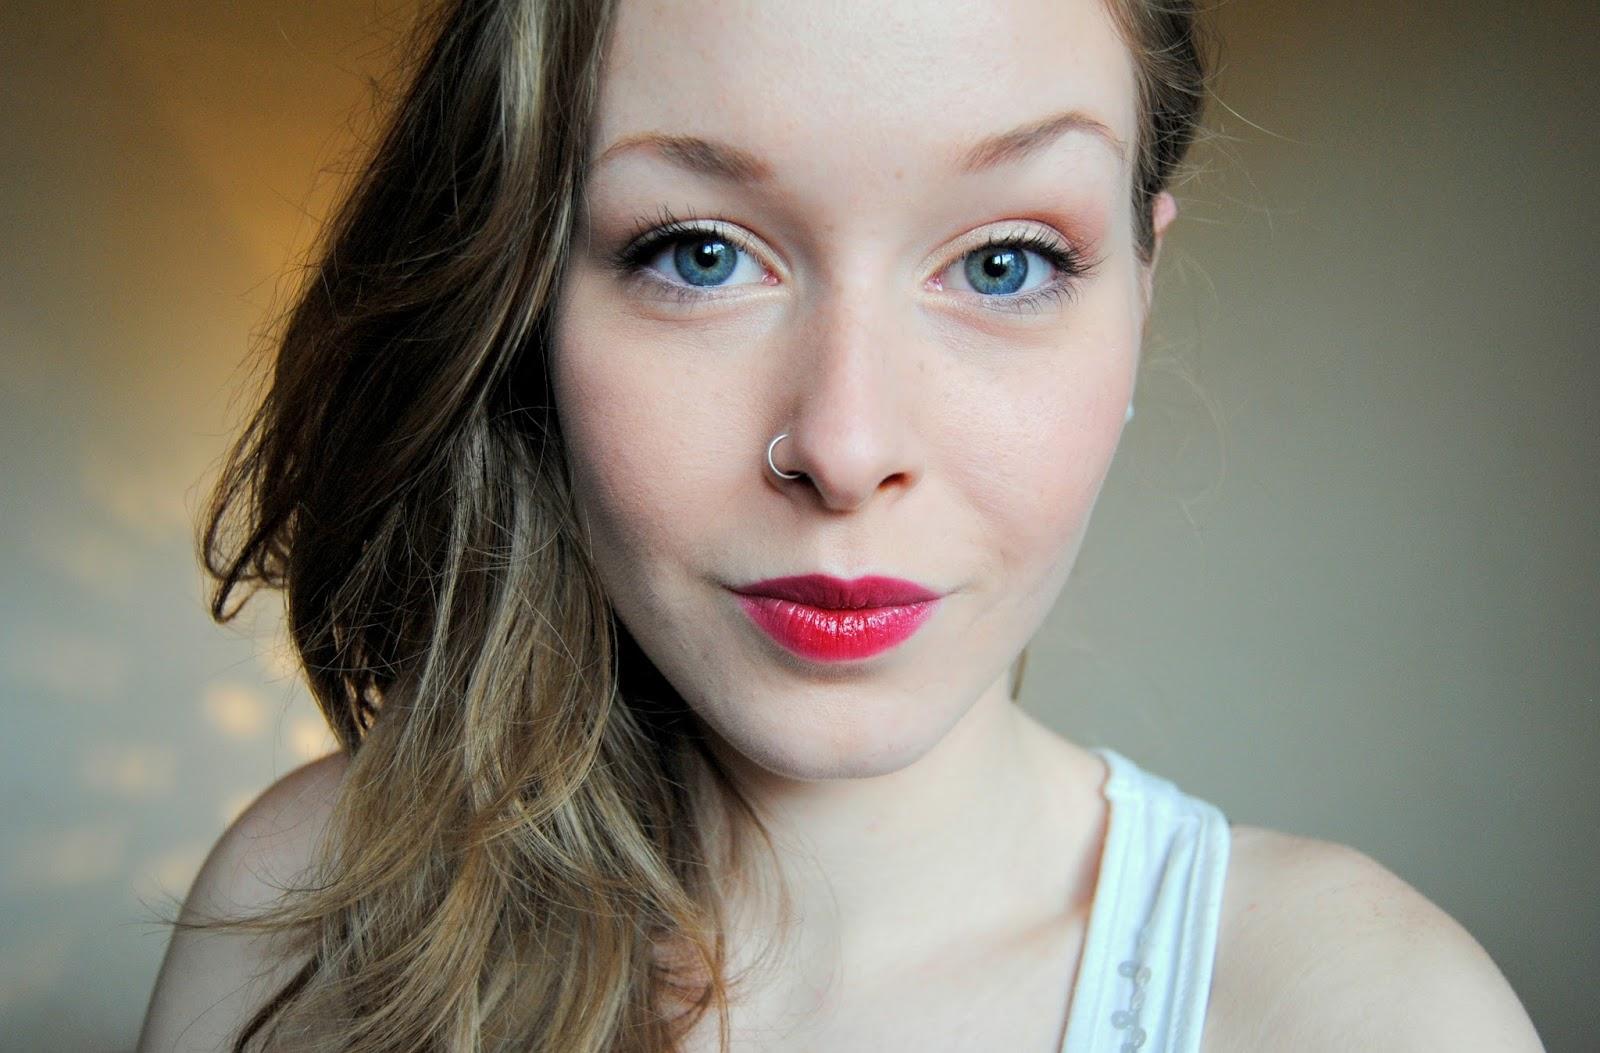 Stf maquillage de no l rapide et facile ausseanne - Maquillage de noel facile a faire ...